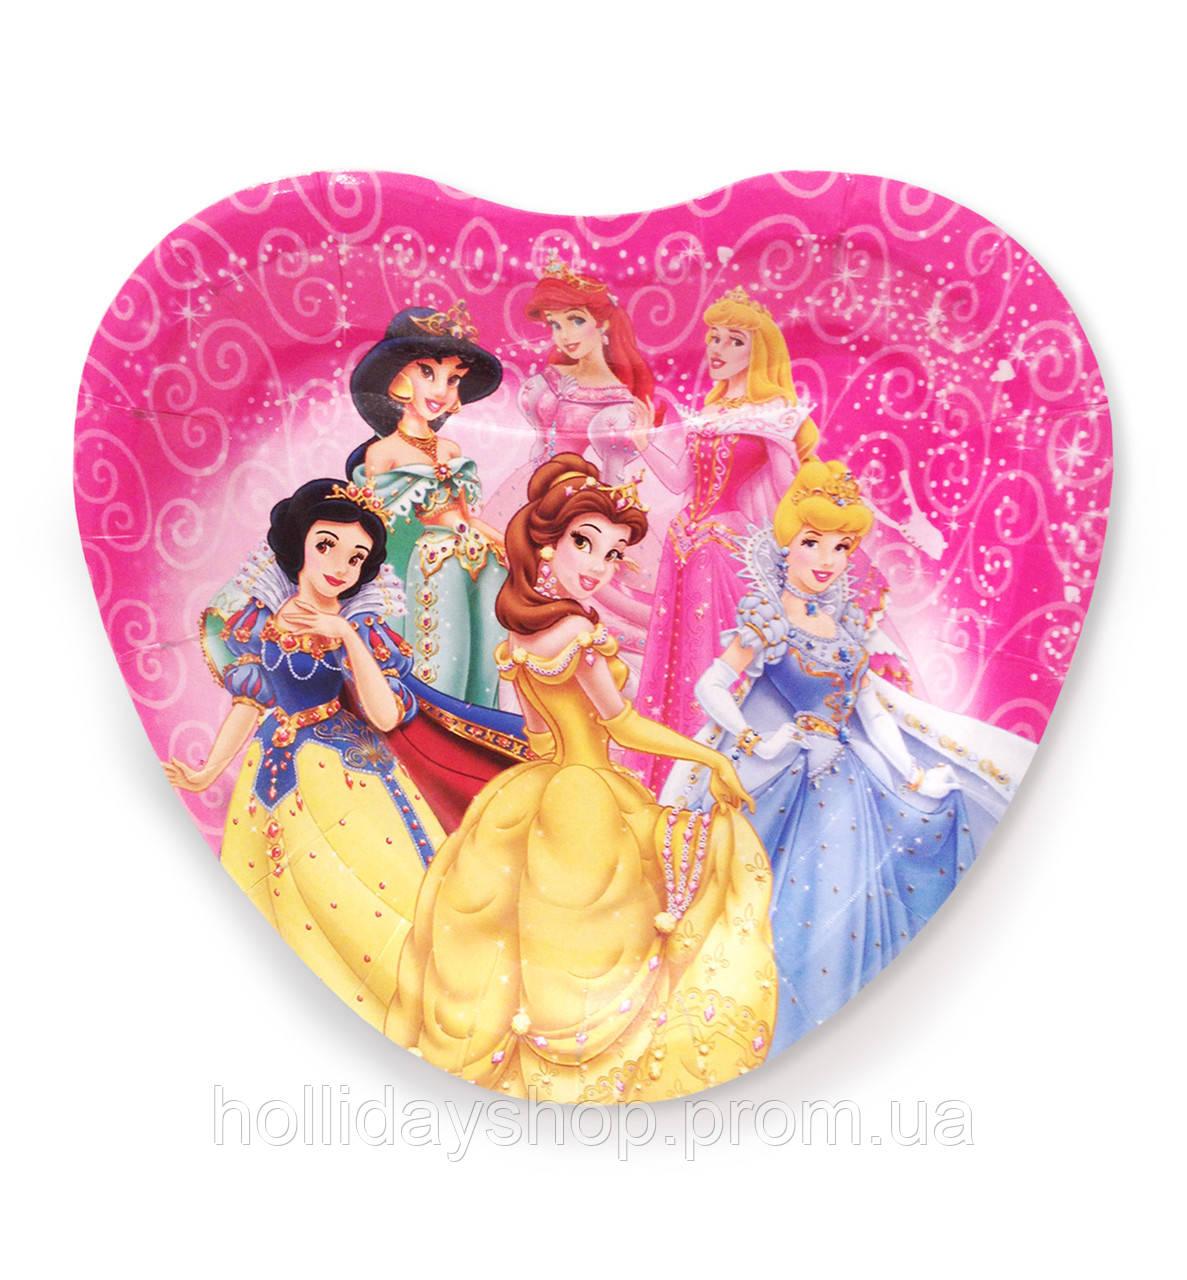 """Тарелки  бумажные в форме сердца """" Принцессы """". 18см.10 шт. Посуда одноразовая детская"""